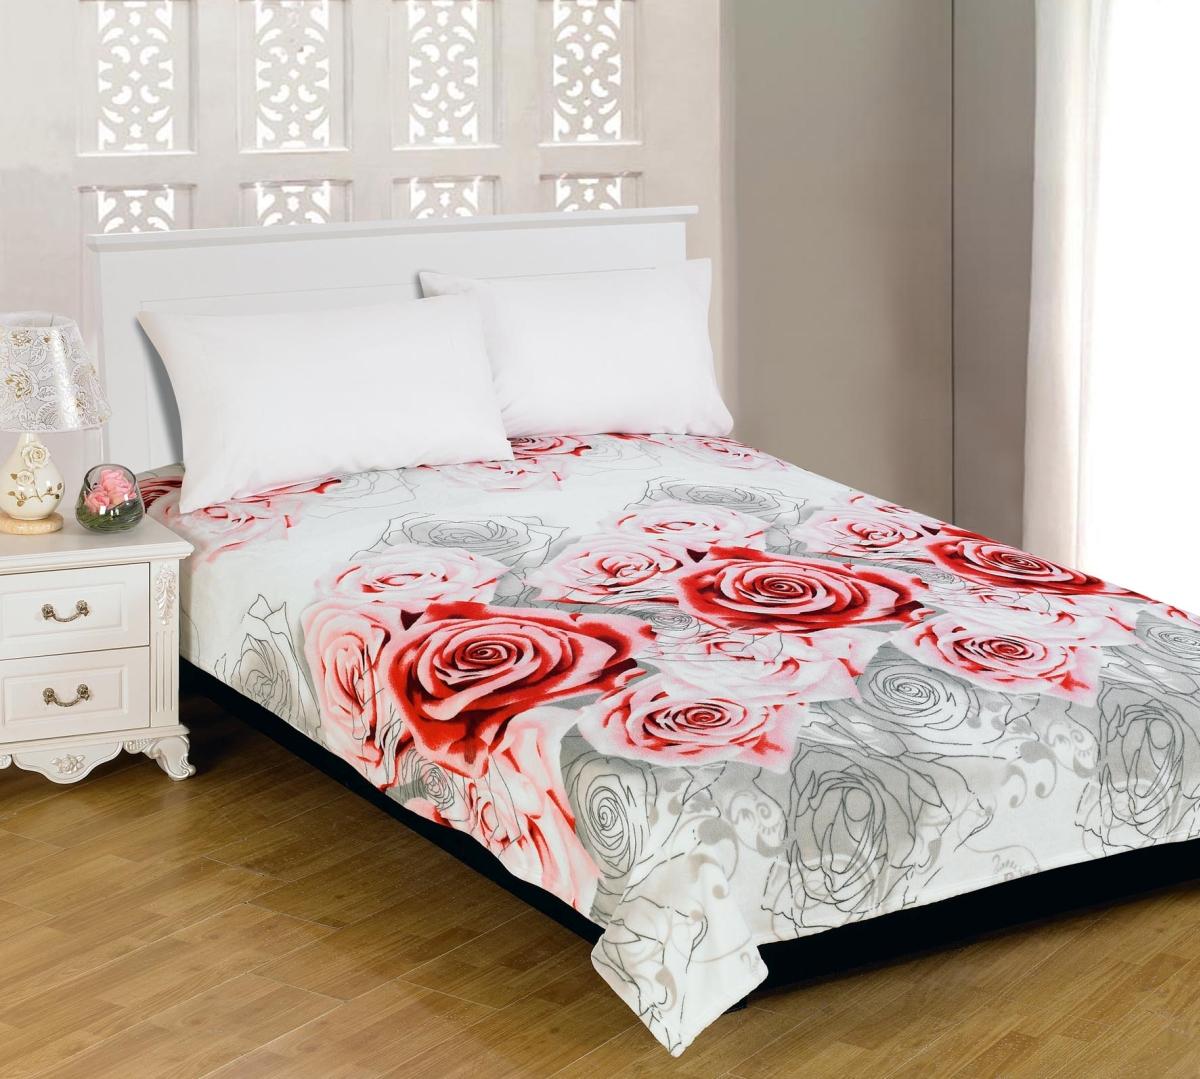 Плед Amore Mio Roses Chic, цвет: белый, розовый, серый, 150 см х 200 см63212Мягкий, теплый и уютный плед Amore Mio Roses Chic изготовлен из фланели (100% полиэстер). Благодаря своей структуре плед отлично удерживает тепло, не накапливает статическое электричество. Фланель - мягкий материал, гипоаллергенен и экологичен. Благодаря уникальной технологии окрашивания, плед прекрасно отстирывается, не линяет и не скатывается. Изделие легко стирается, быстро сохнет и практически не мнется.